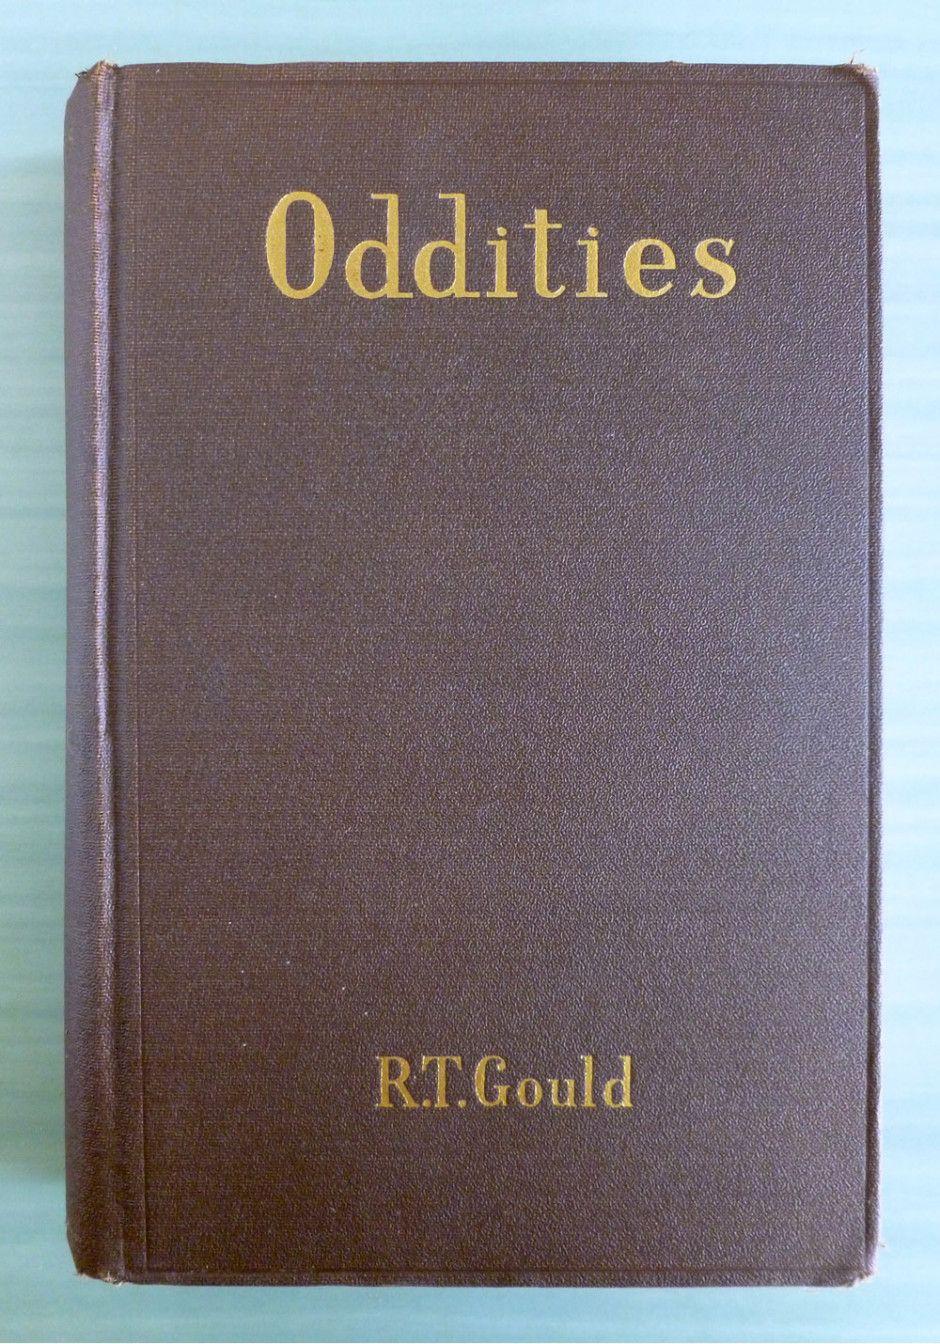 """""""Oddities"""" by R.T. Gould via """"The Monkey's Paw"""" monkeyspaw.com"""